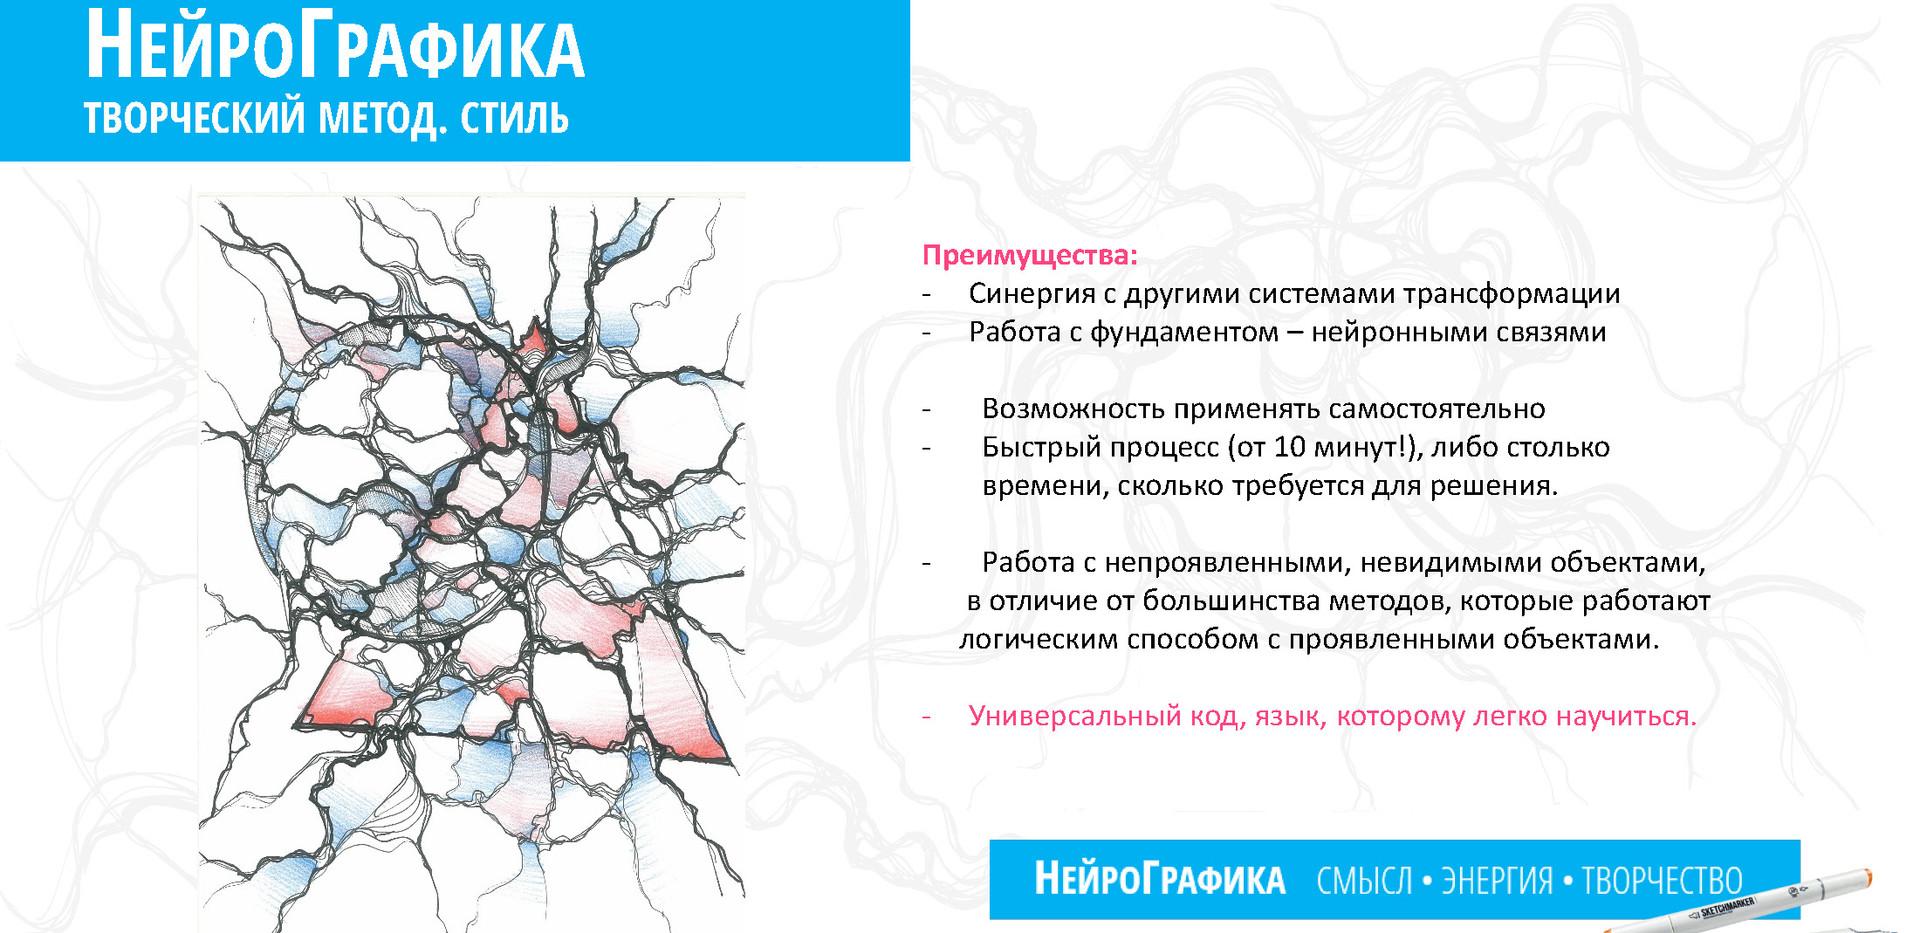 НейроГафикаBIG (1)_Страница_31.jpg